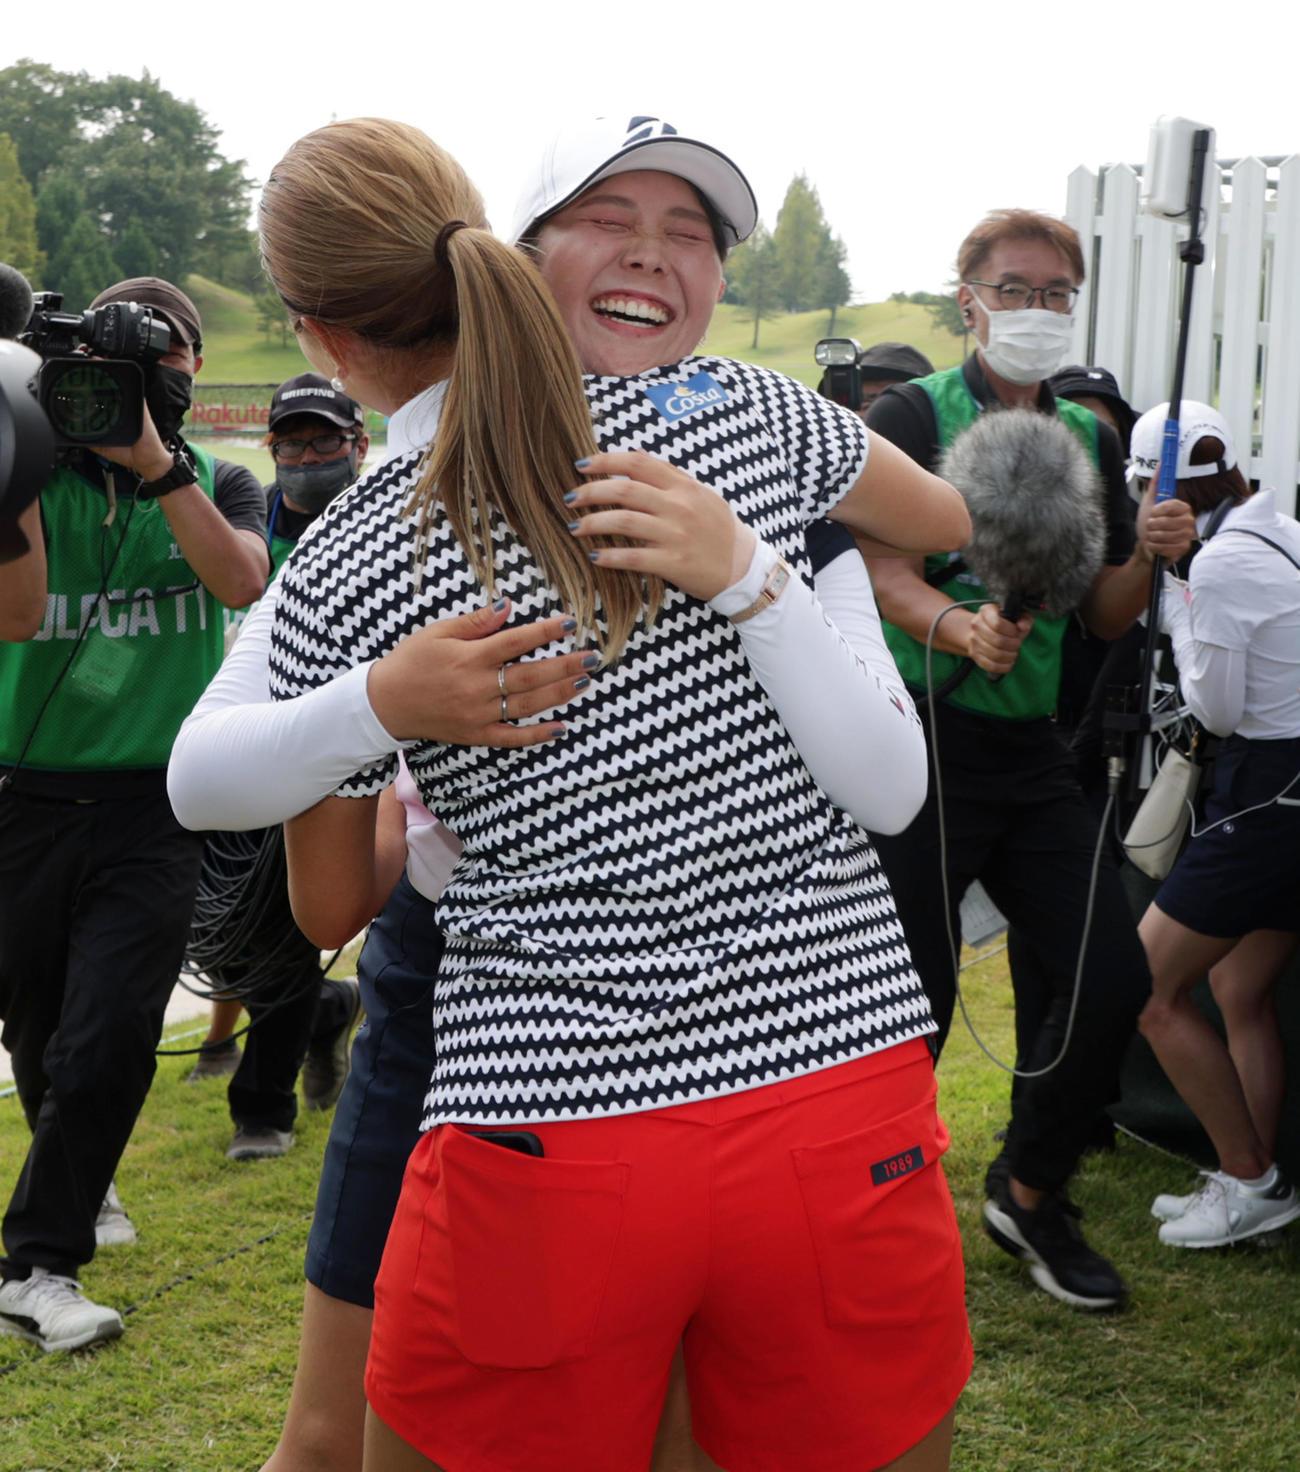 楽天スーパーレディース最終日 初優勝を決めた吉田(右)は出迎えた上田と抱き合った(撮影・加藤哉)